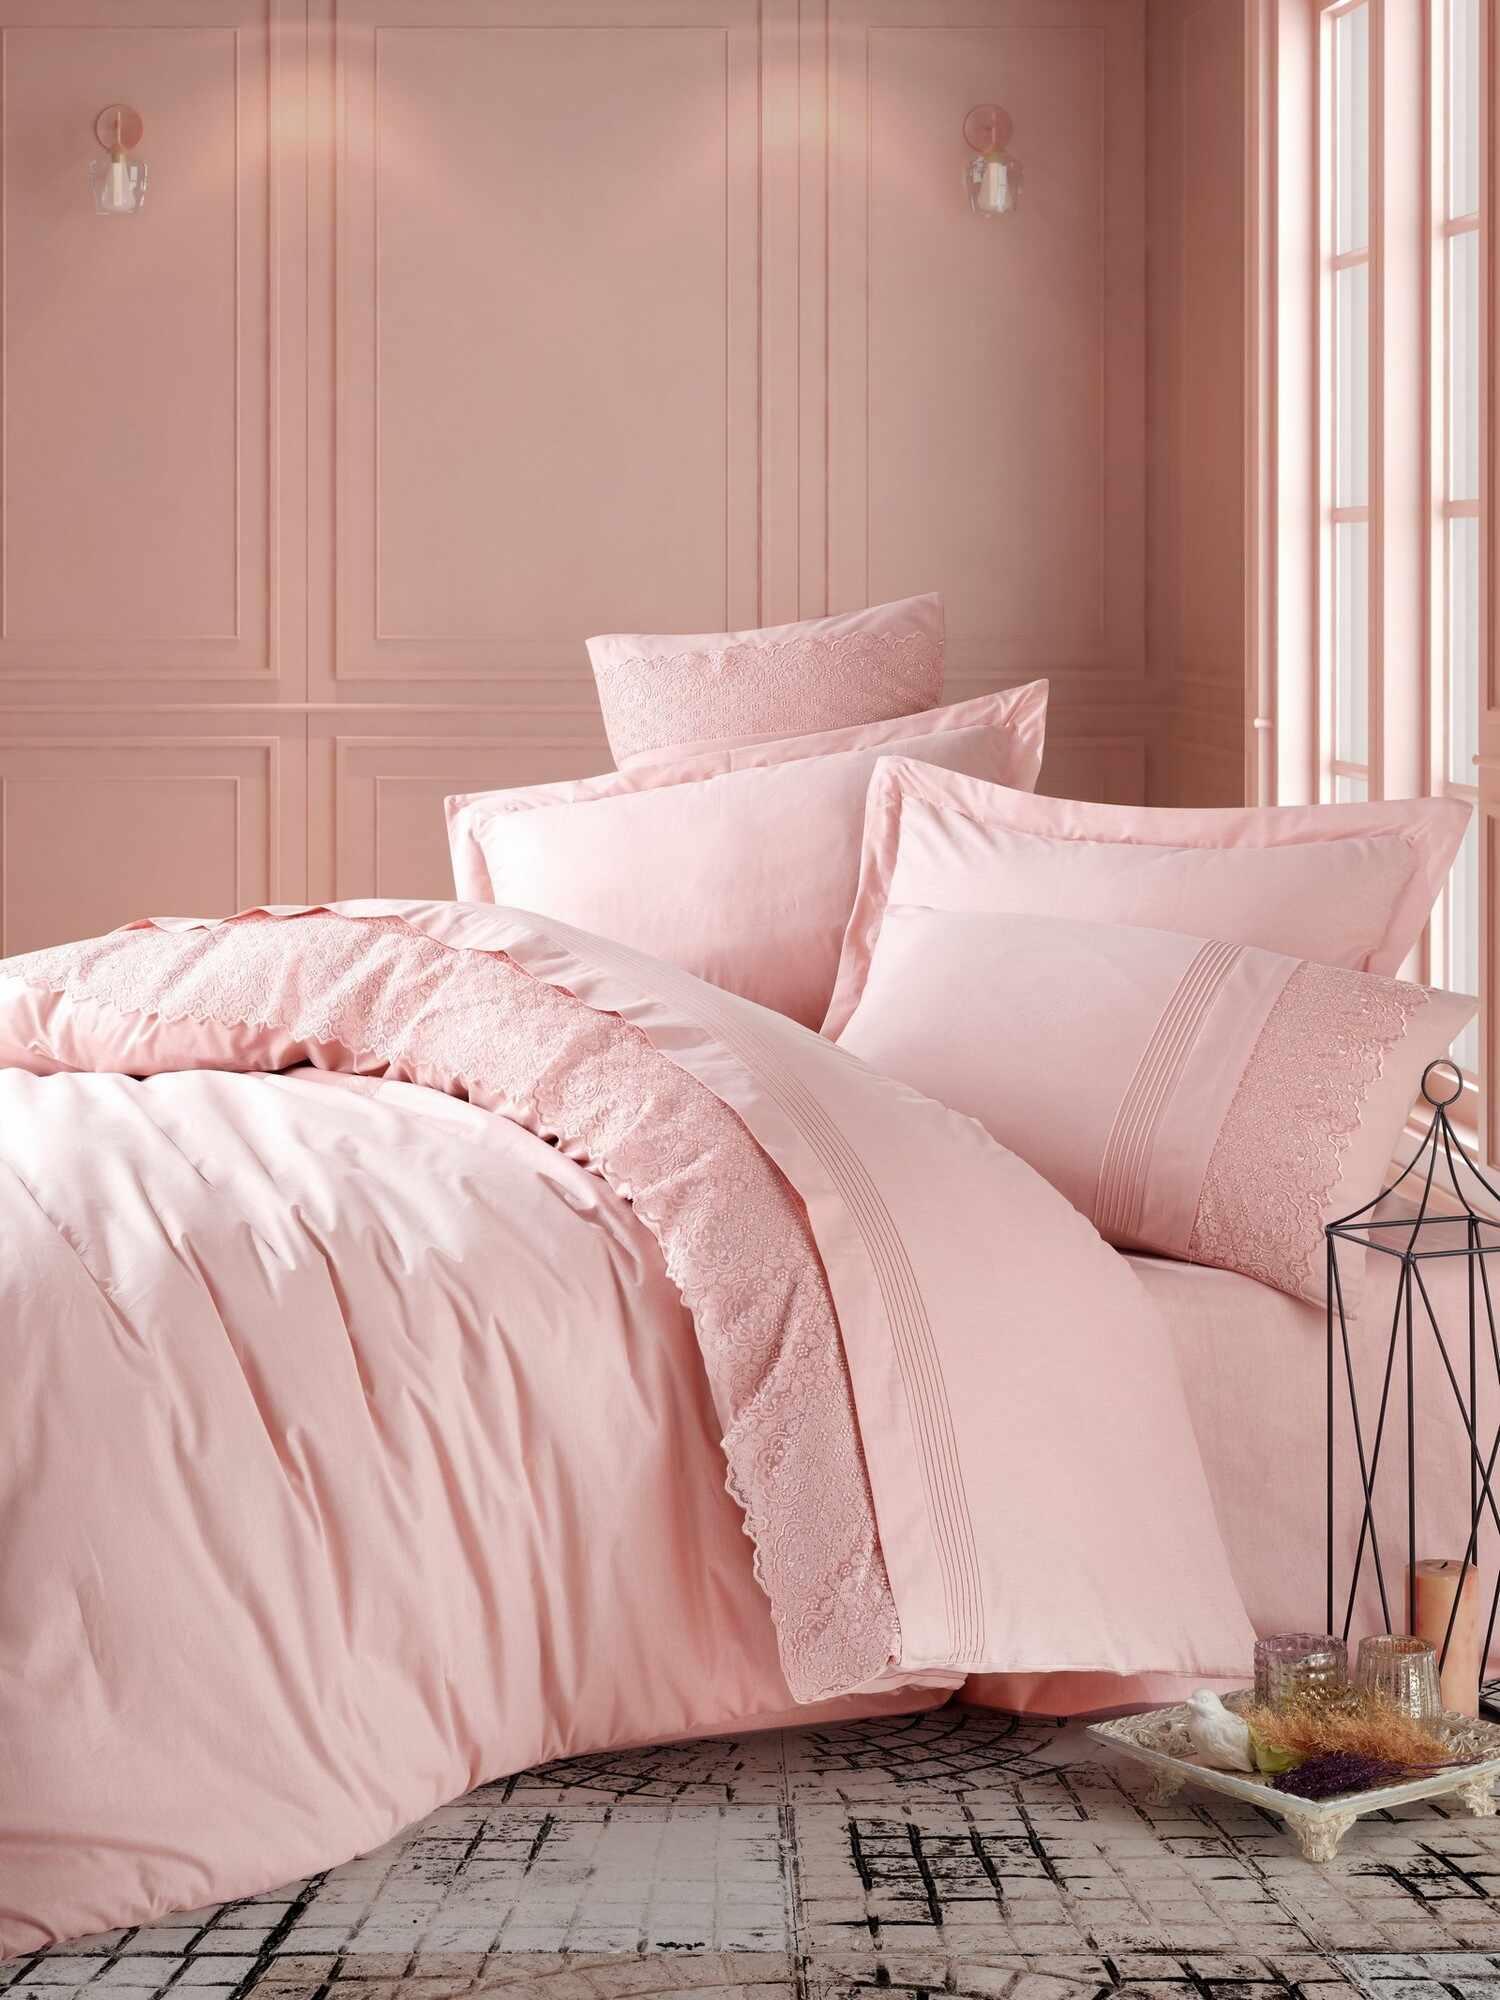 Lenjerie de pat din bumbac Ranforce Elba Roz, 200 x 220 cm la pret 333 lei